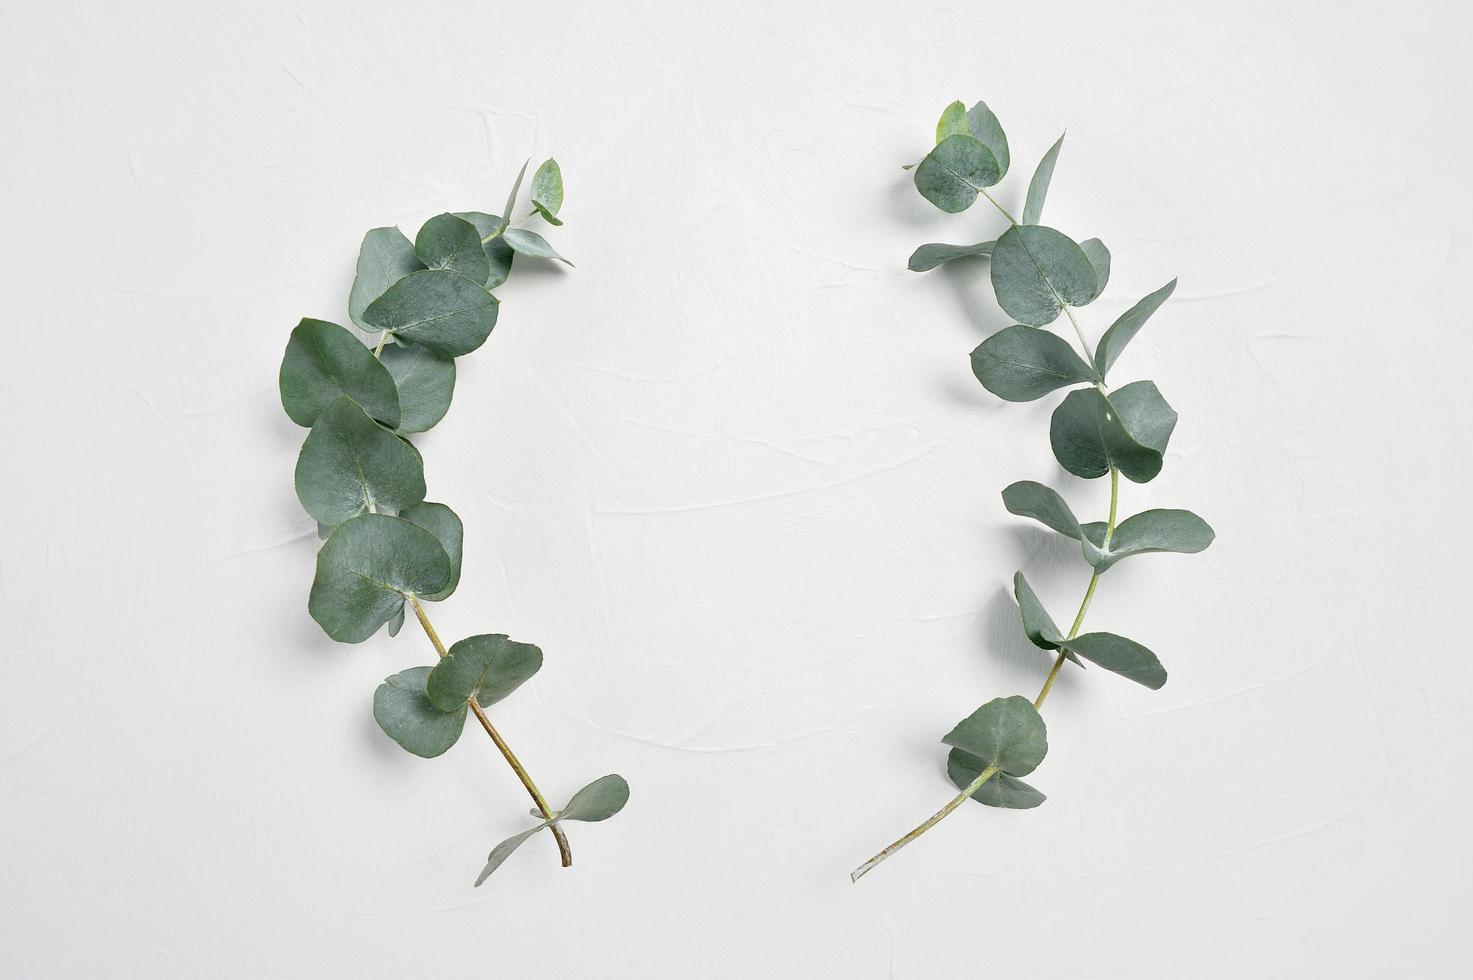 eukalyptusblad på stjälkar foto